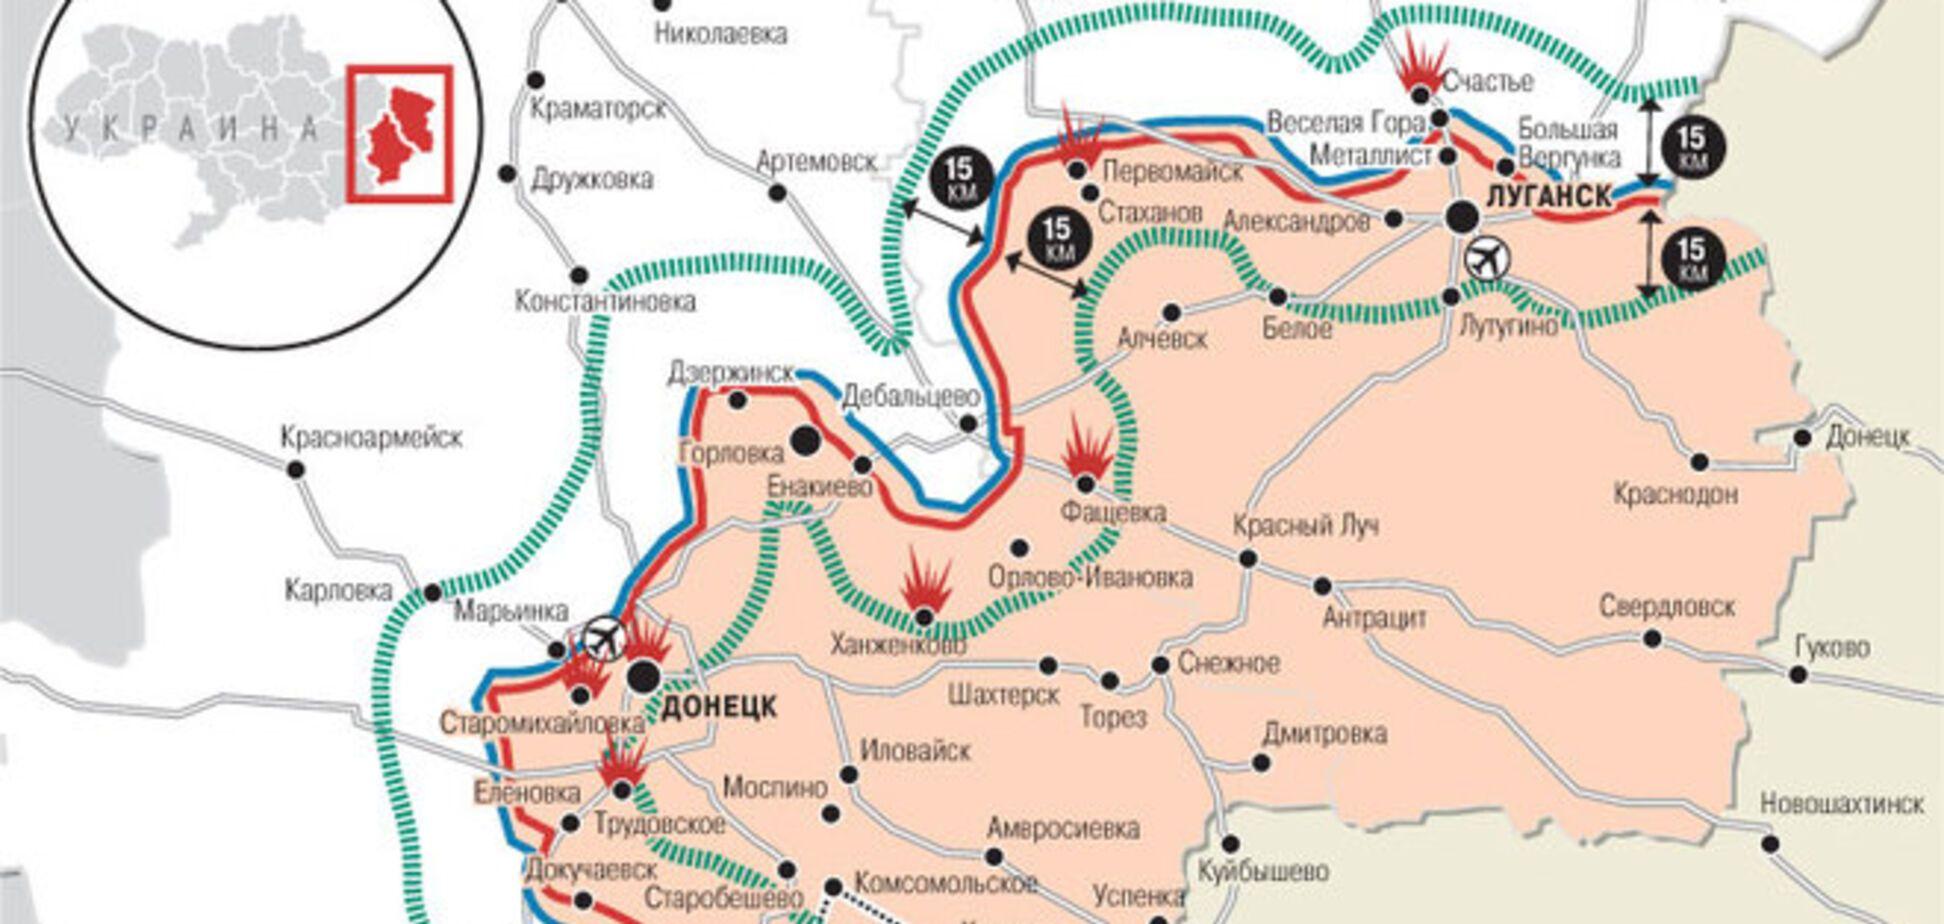 Опубликована карта предполагаемой буферной зоны на Донбассе